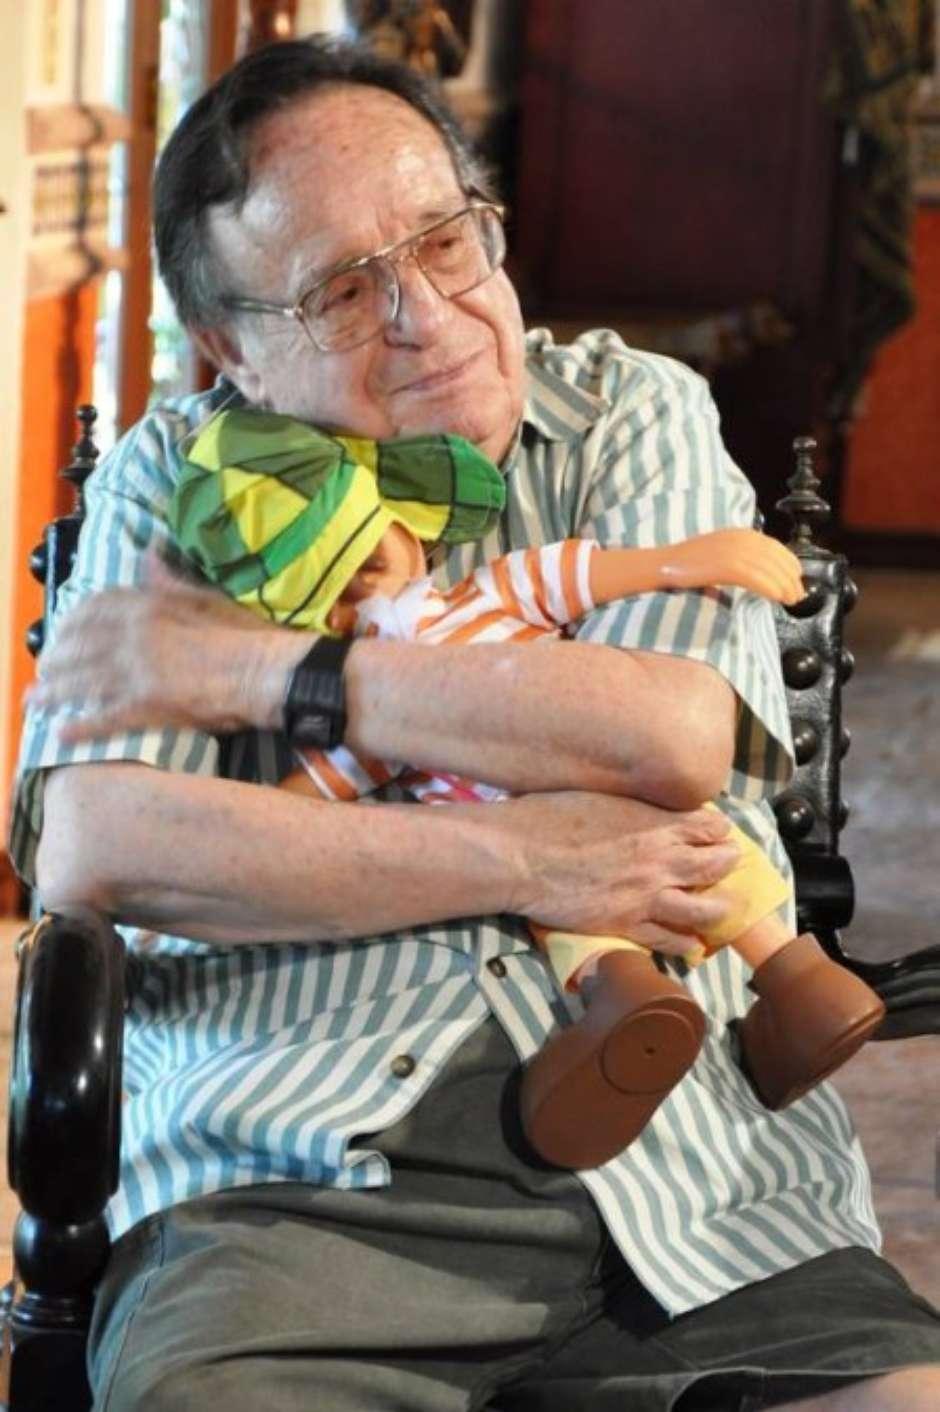 Roberto Gómez Bolaños com o boneco do Chaves / Divulgação